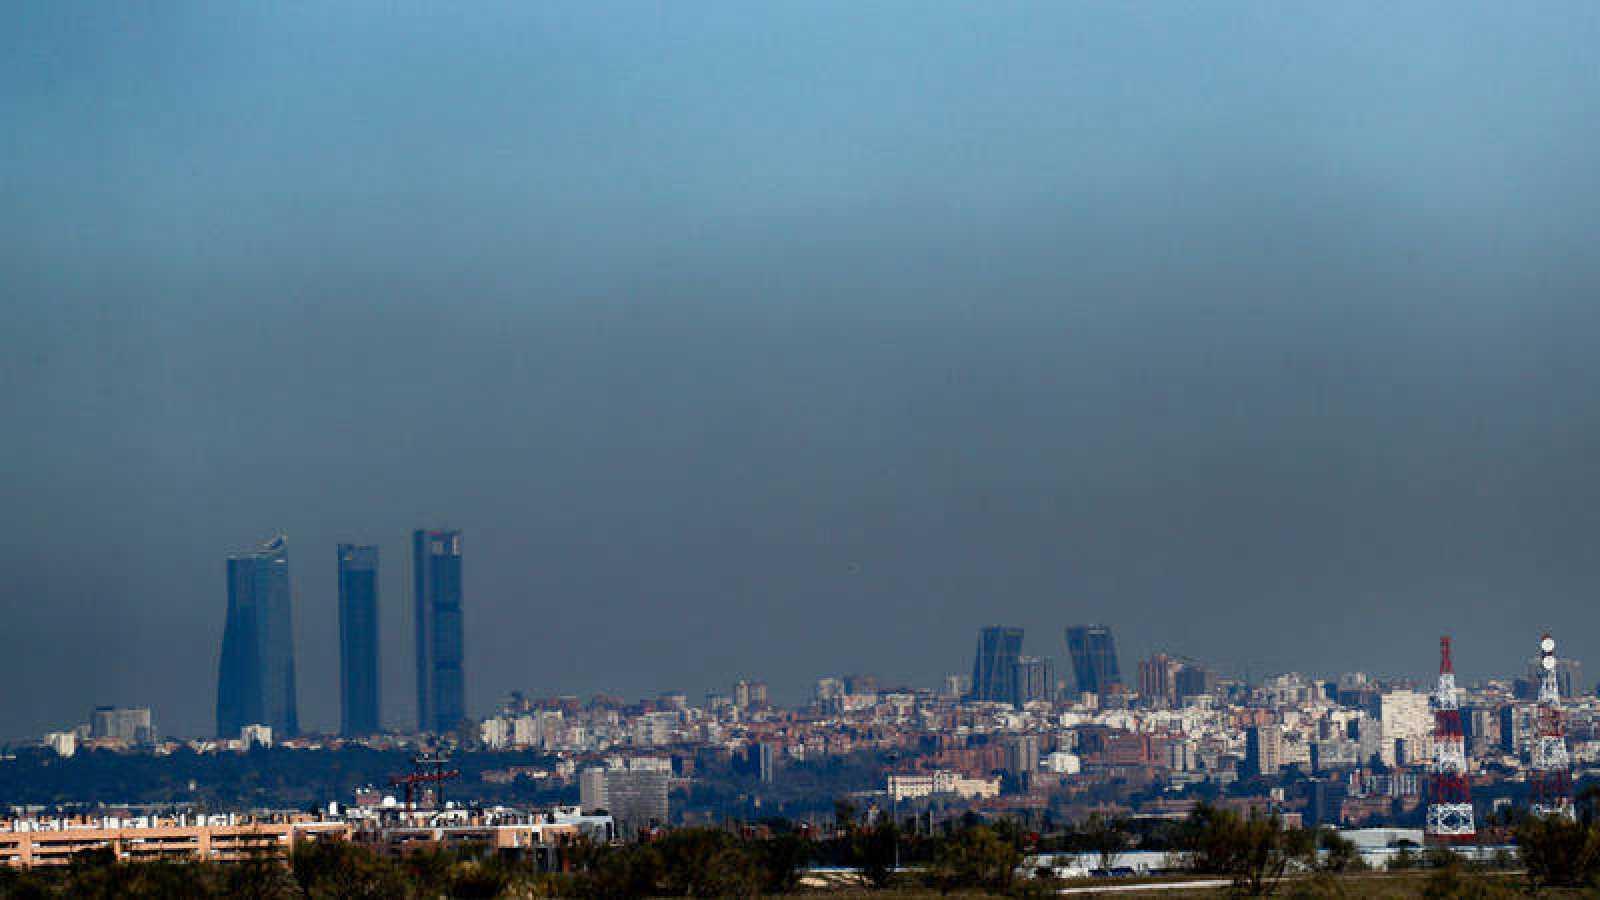 Vista de Madrid con la boina de contaminación que cubre con frecuencia la ciudad